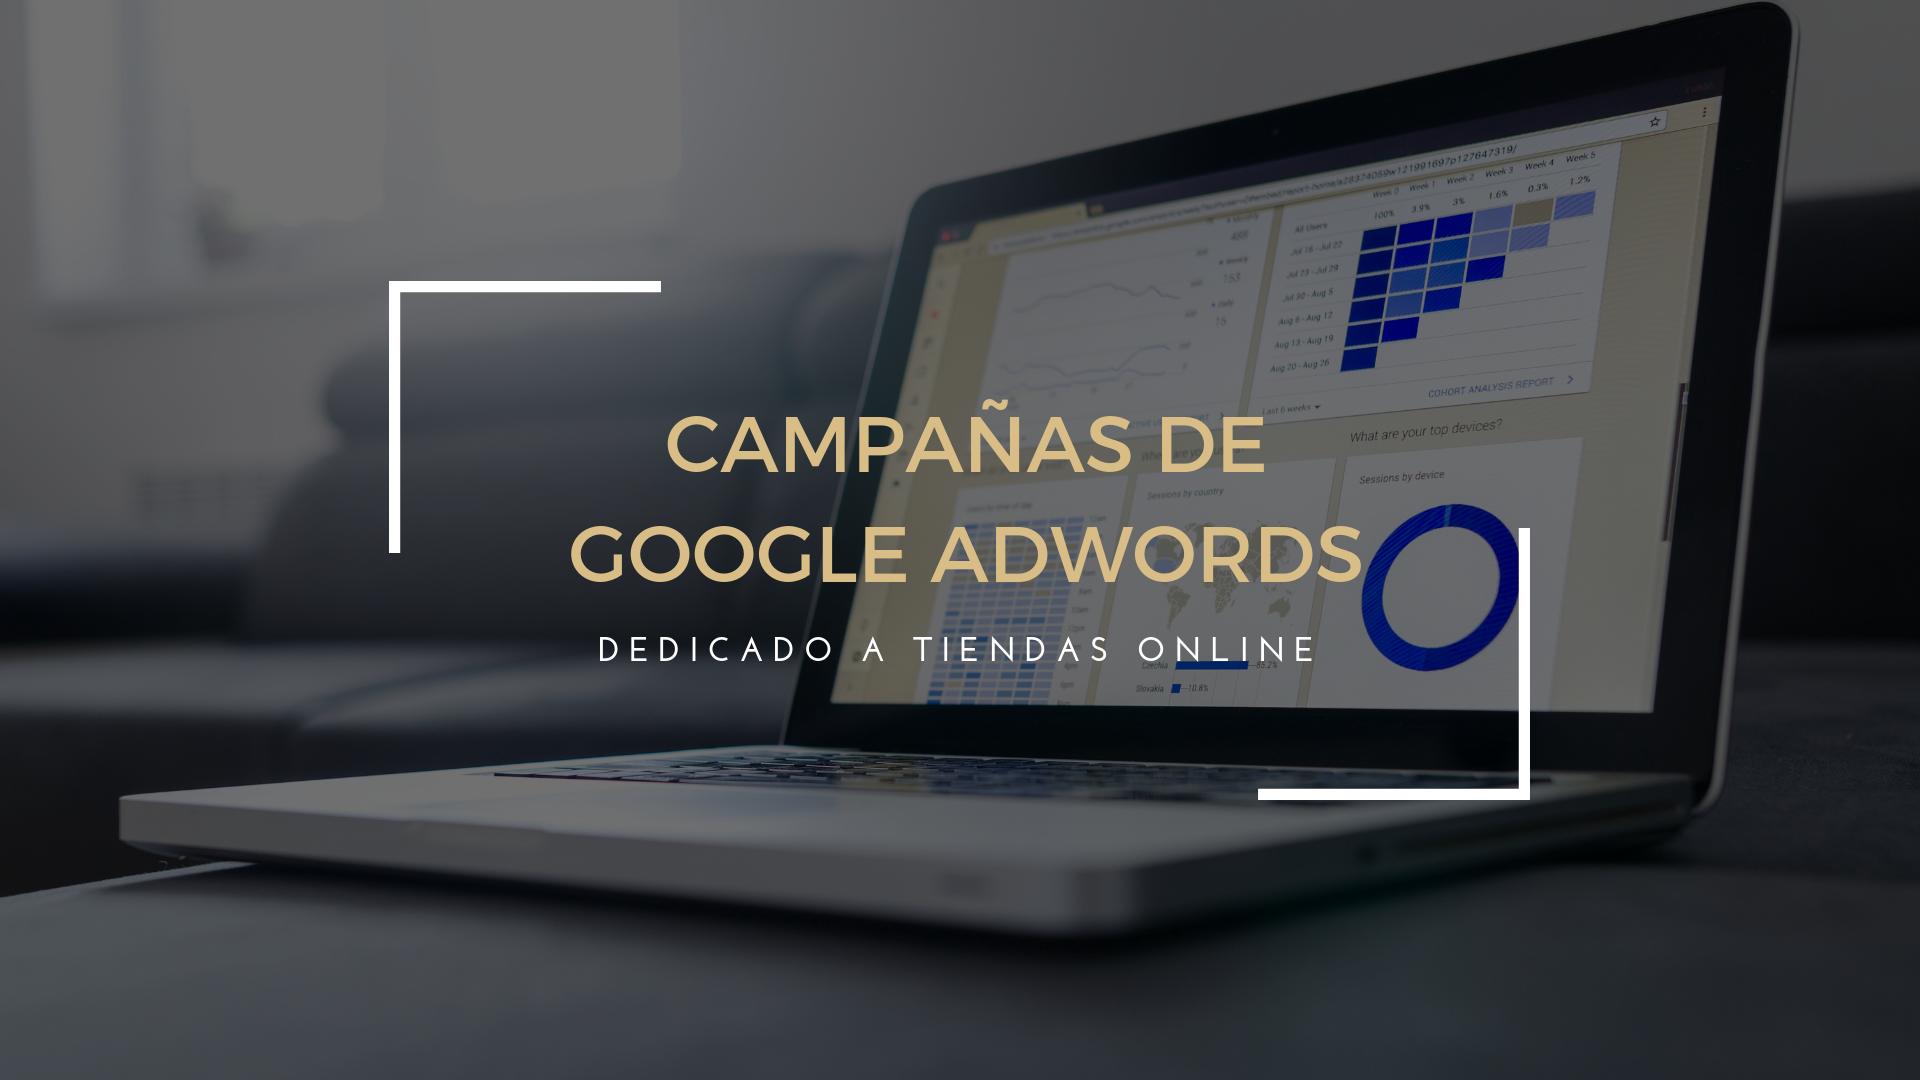 Campañas de Google Adwords para Tiendas online